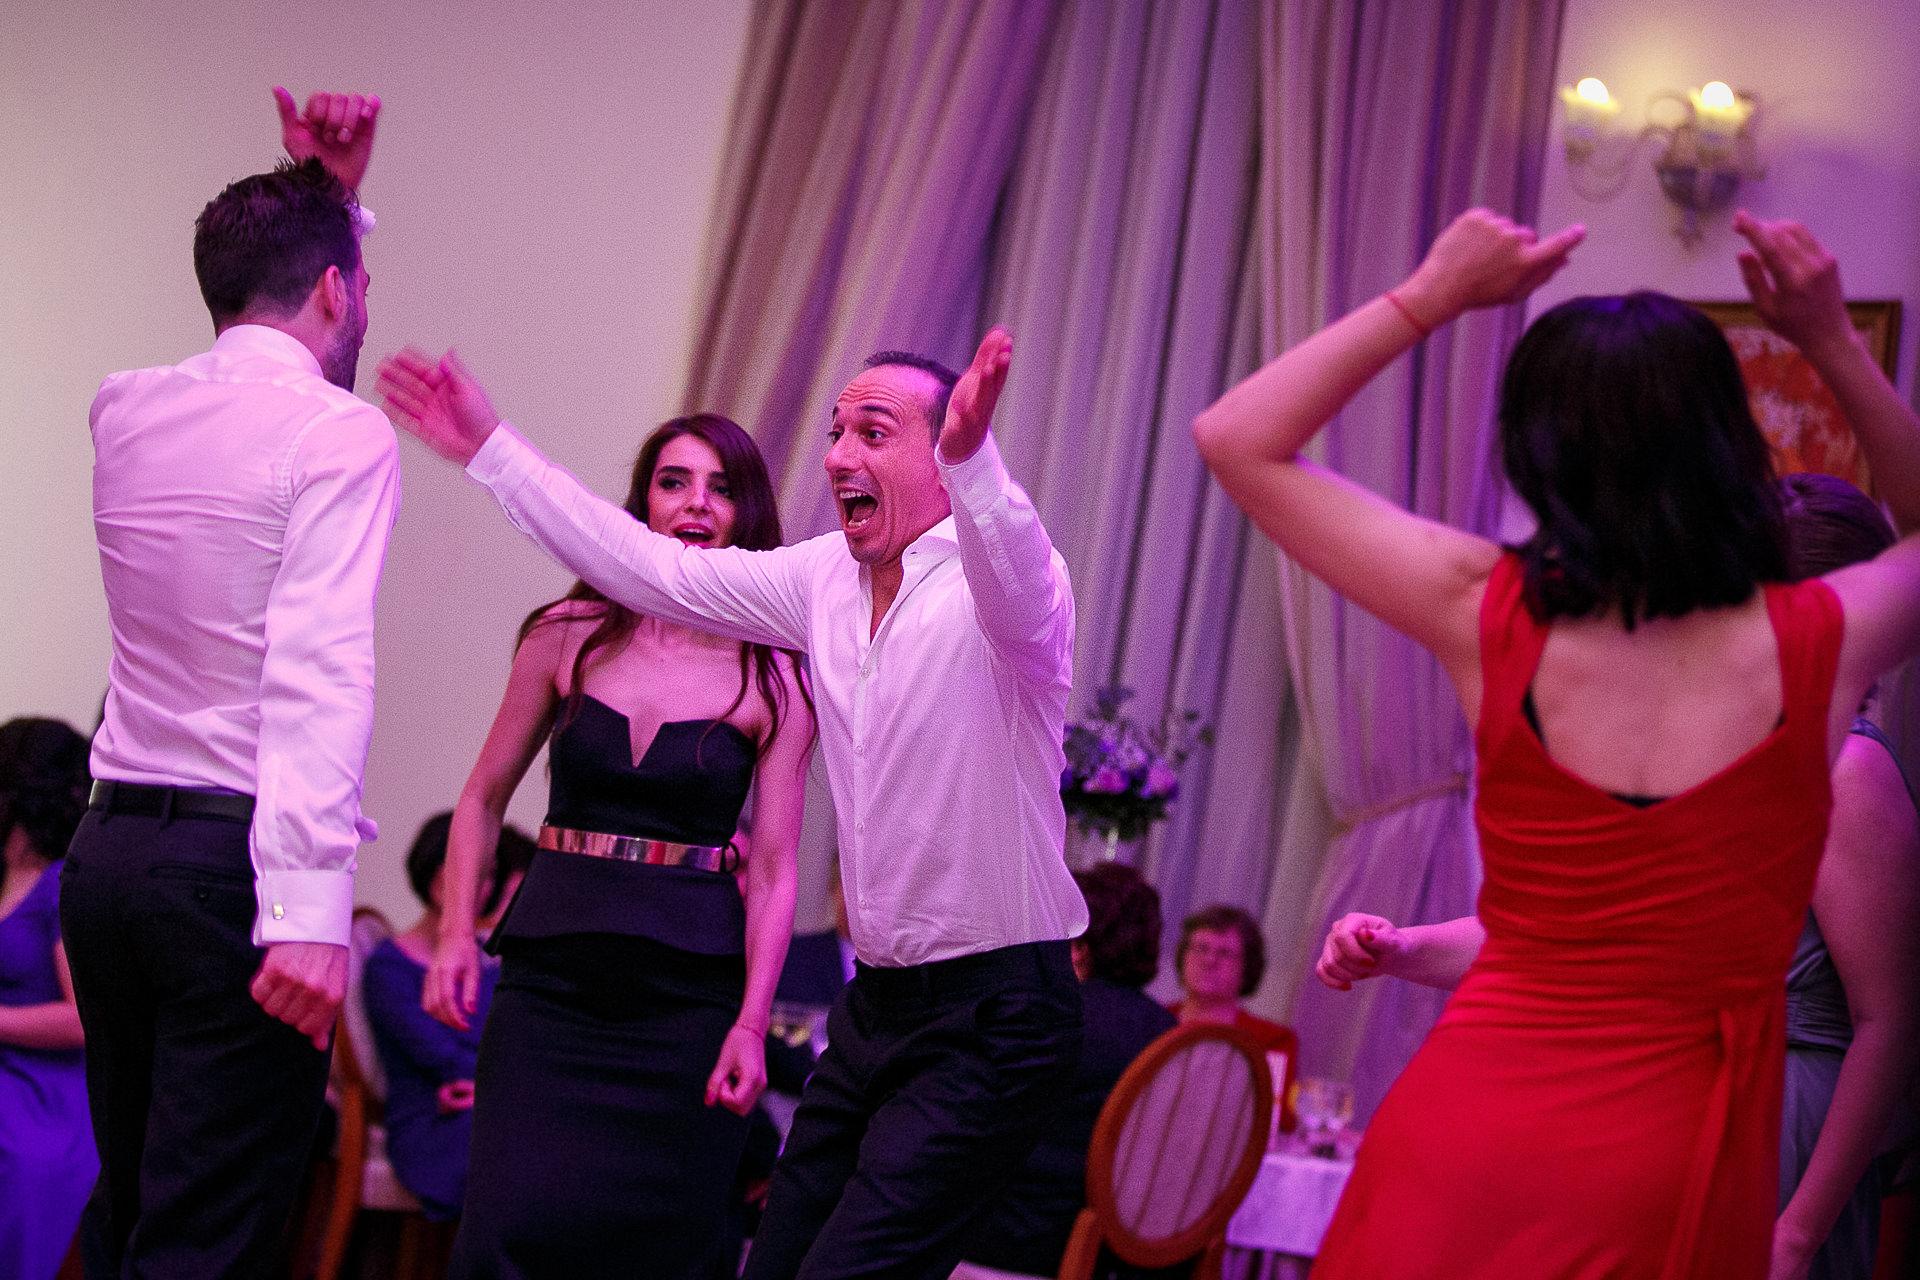 nuntă Salon Elisabeta - Elena şi Costin - Mihai Zaharia Photography - 090